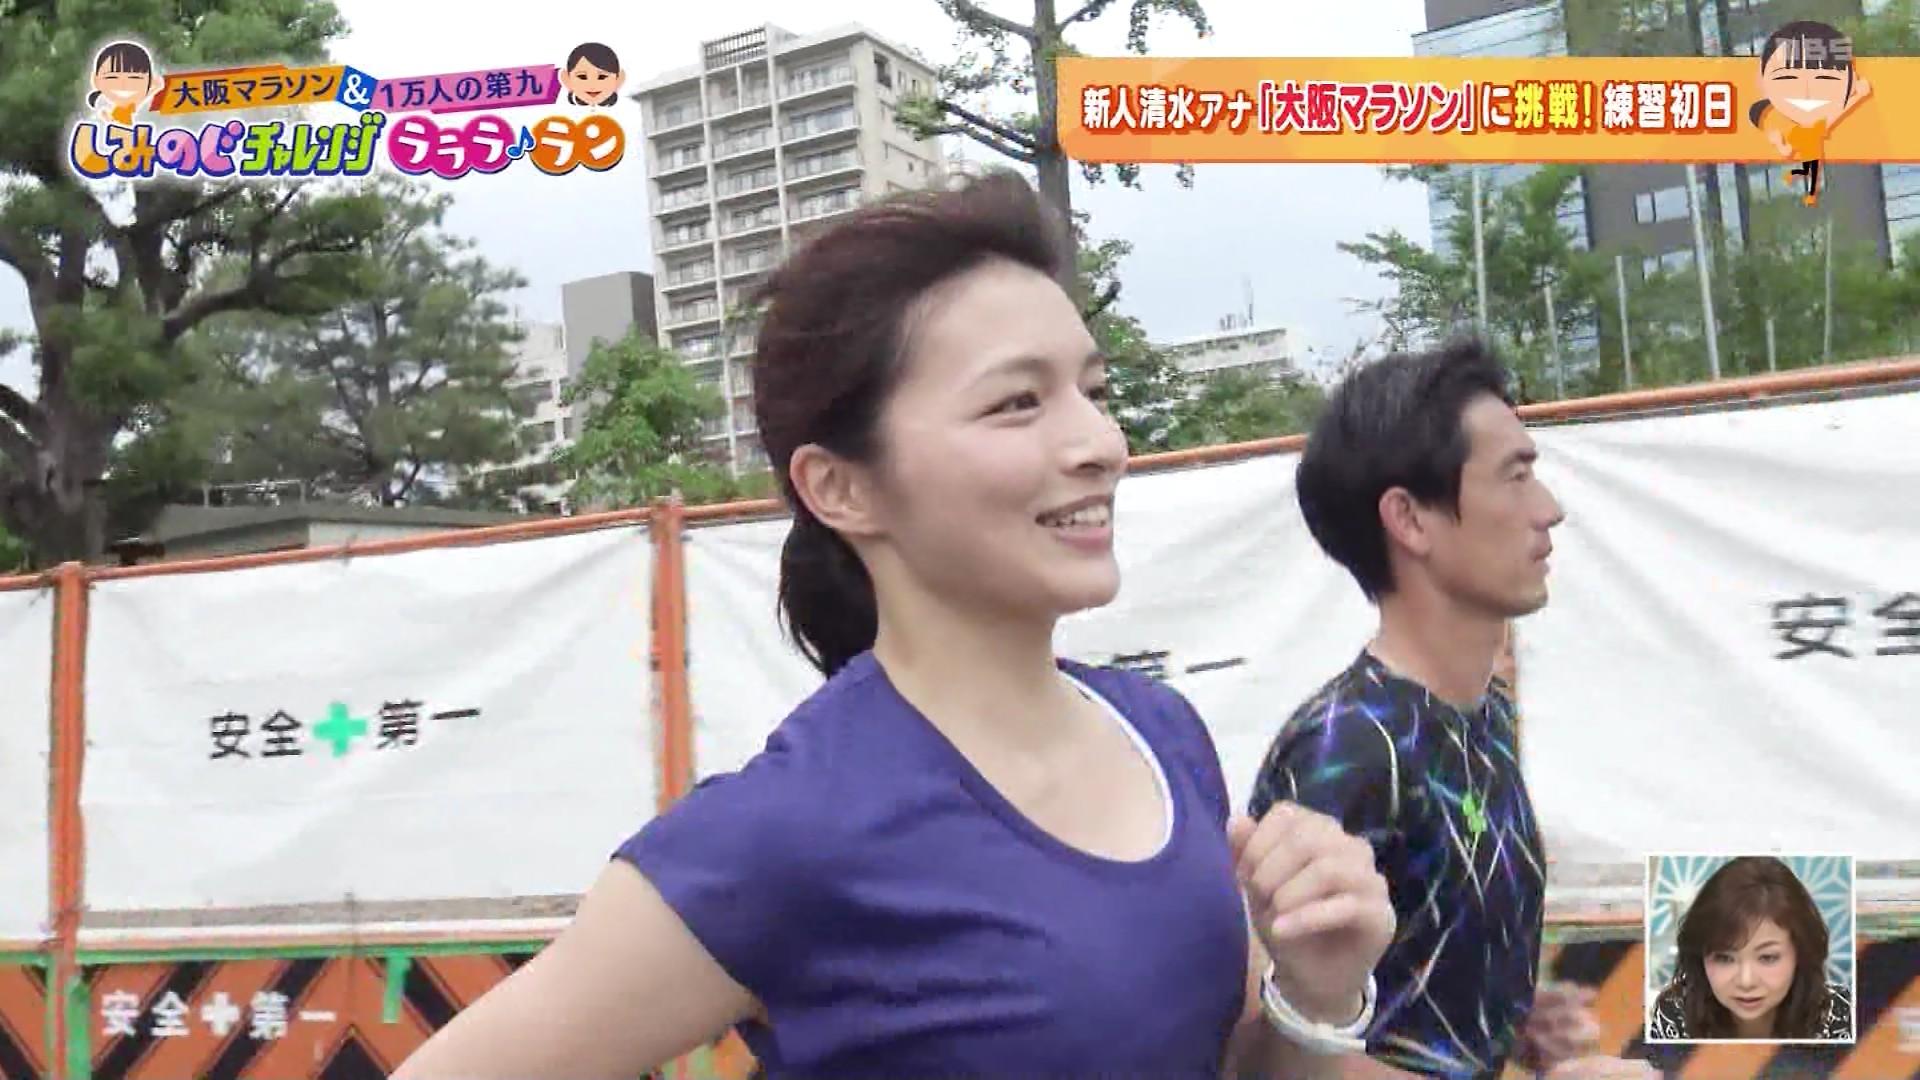 ちちんぷいぷいに出演したMBS新人女子アナ・清水麻椰さんのテレビキャプチャー画像-038